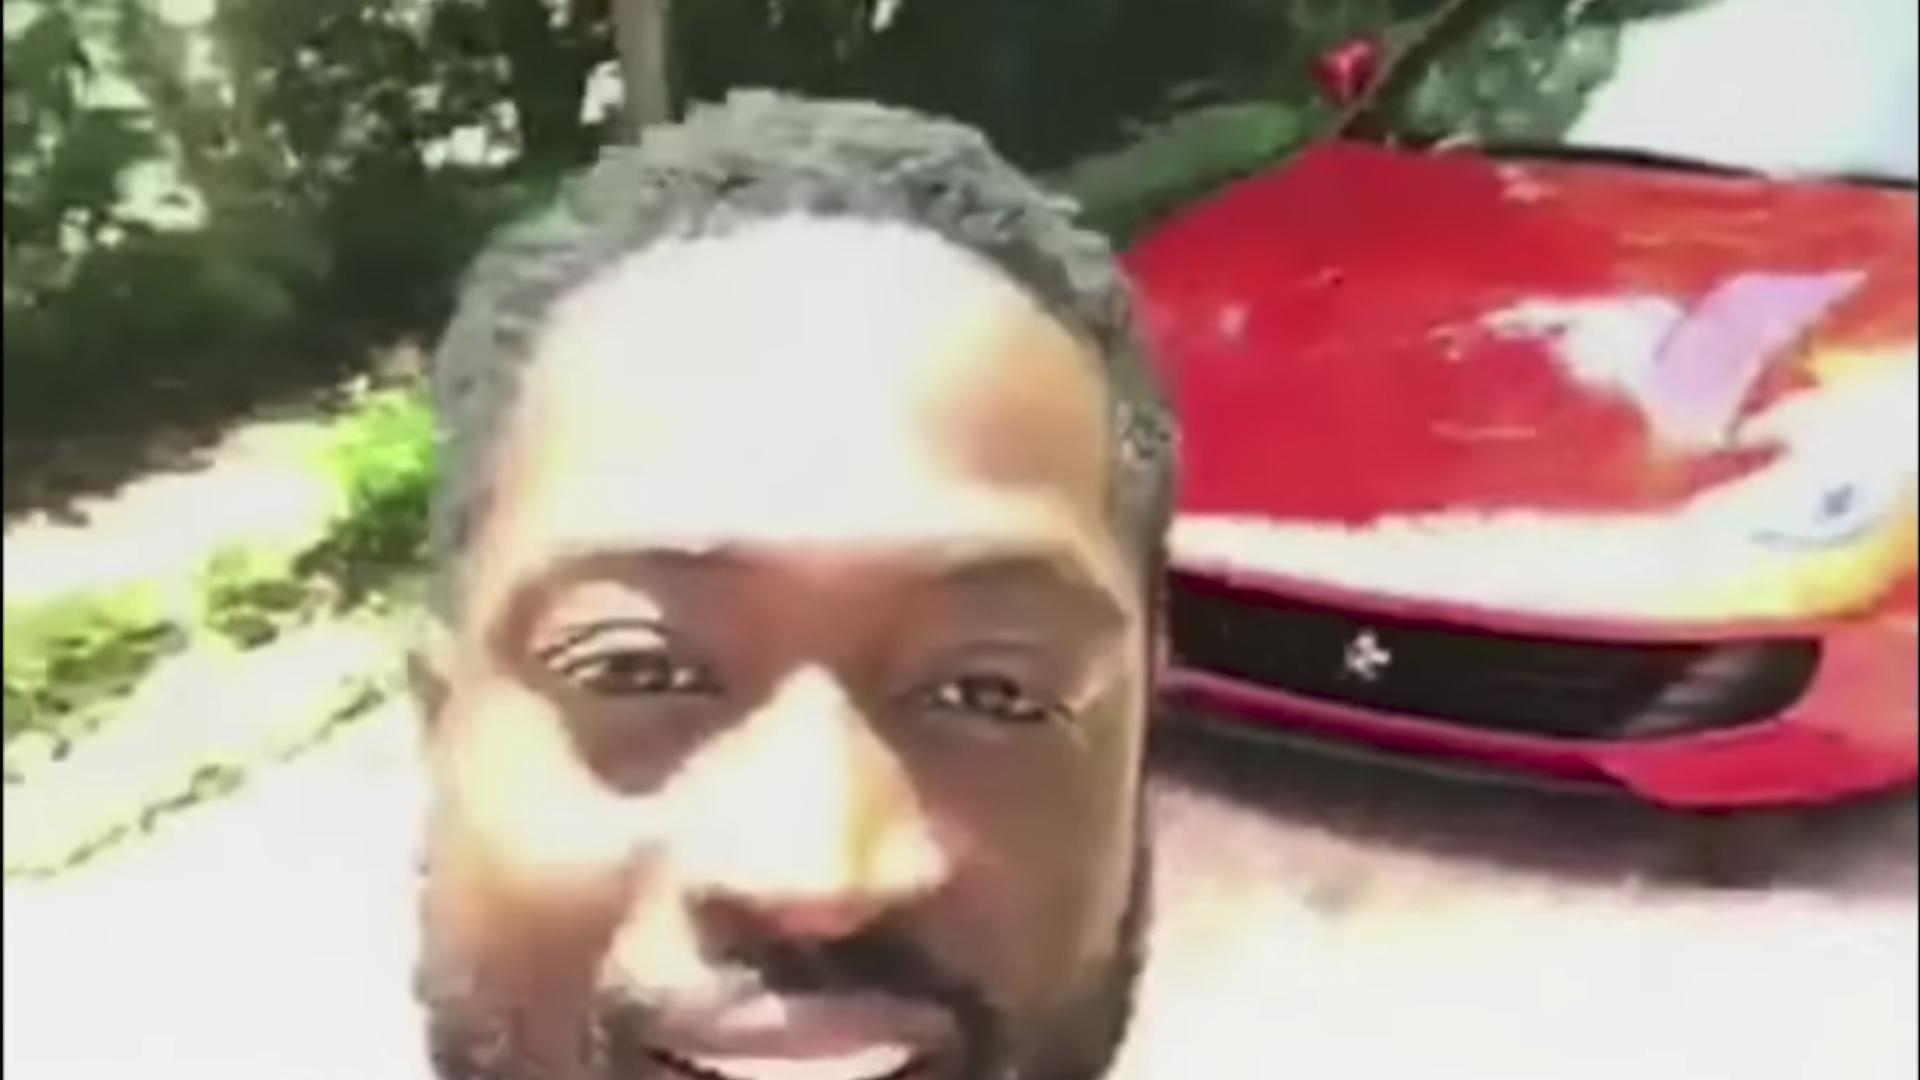 Watch Dwyane Wade Teach His Son To Drive A Ferrari